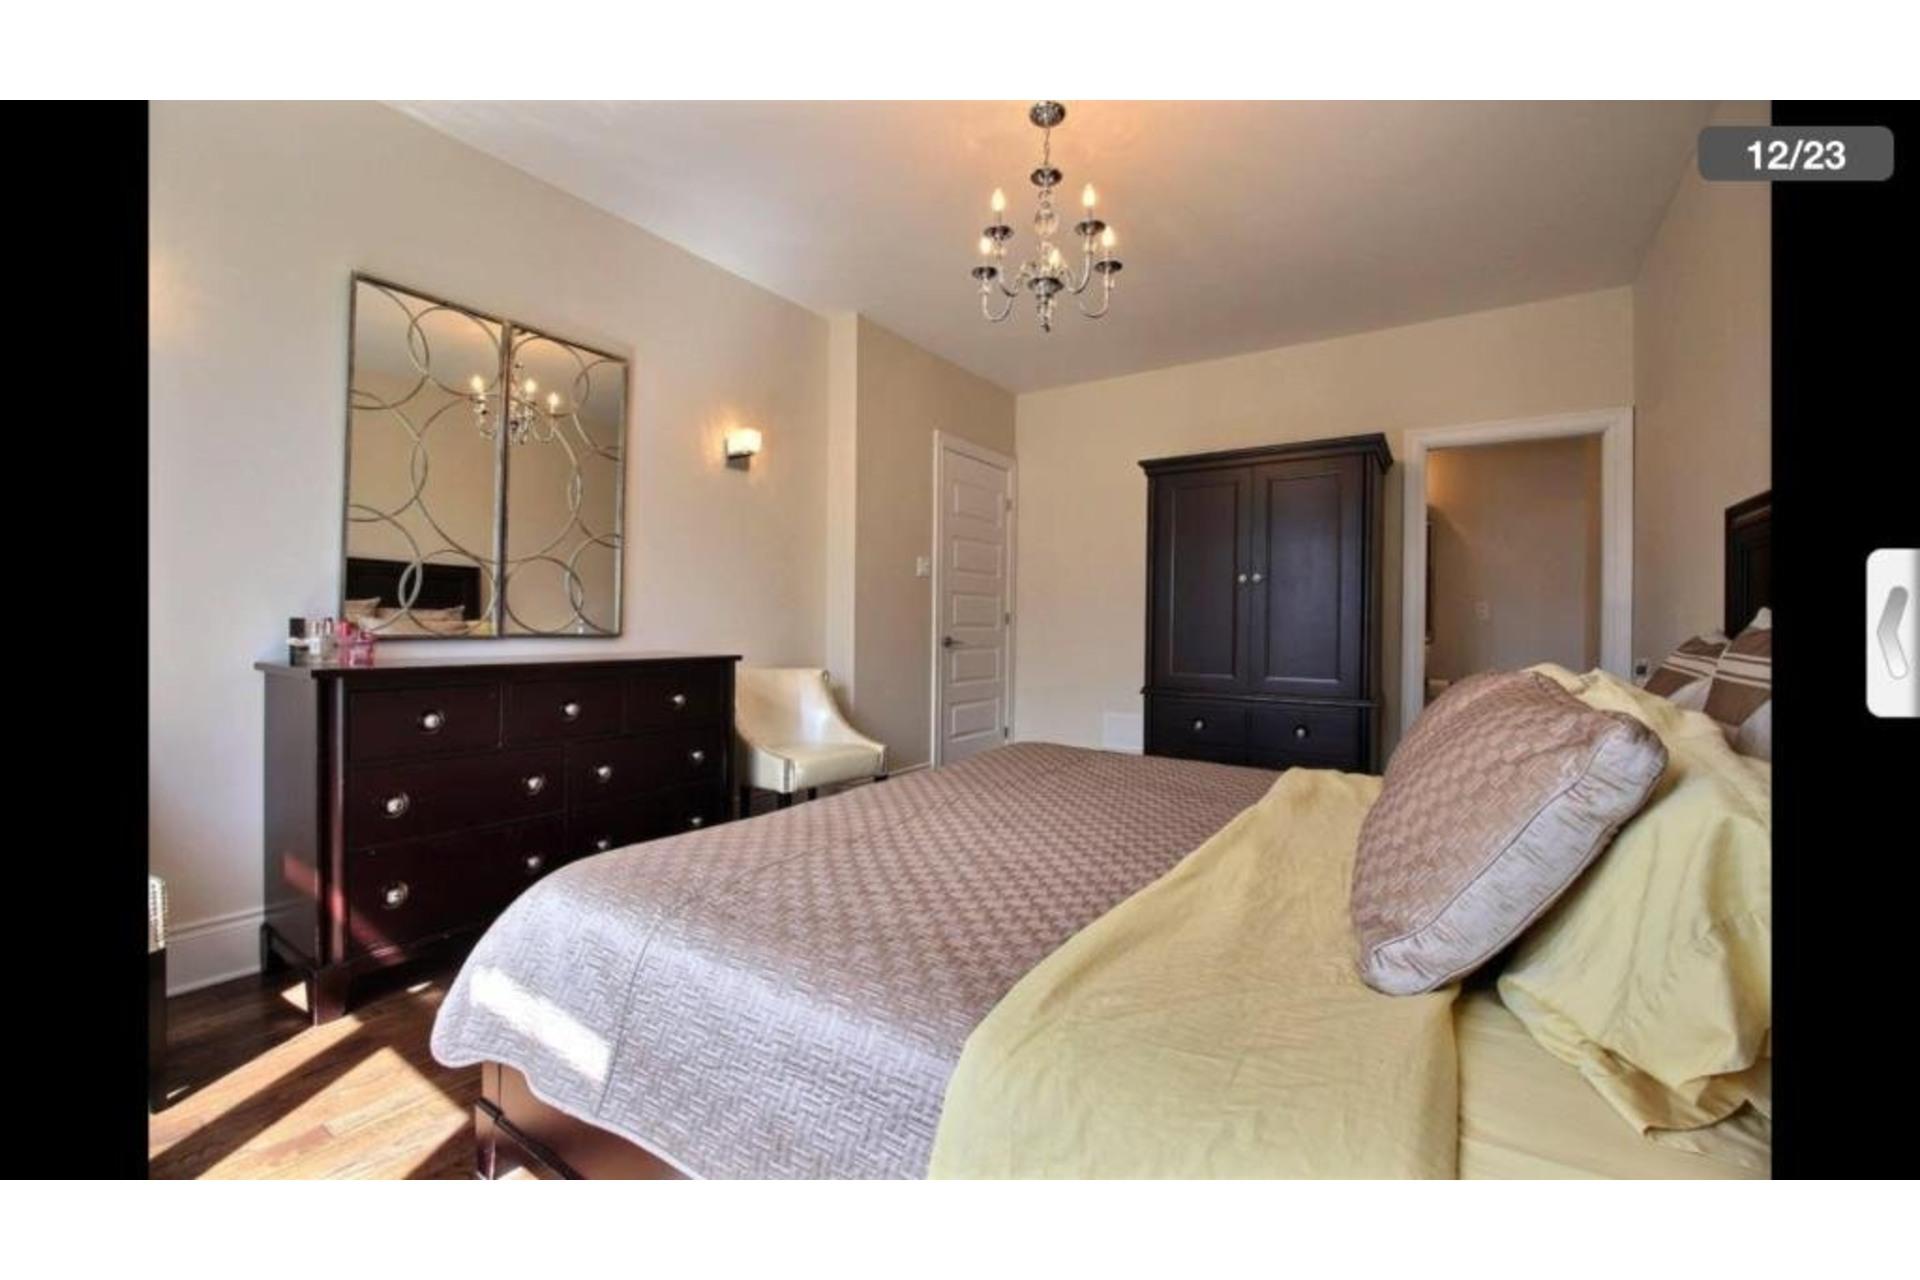 image 7 - Apartment For rent Montréal Saint-Laurent  - 10 rooms